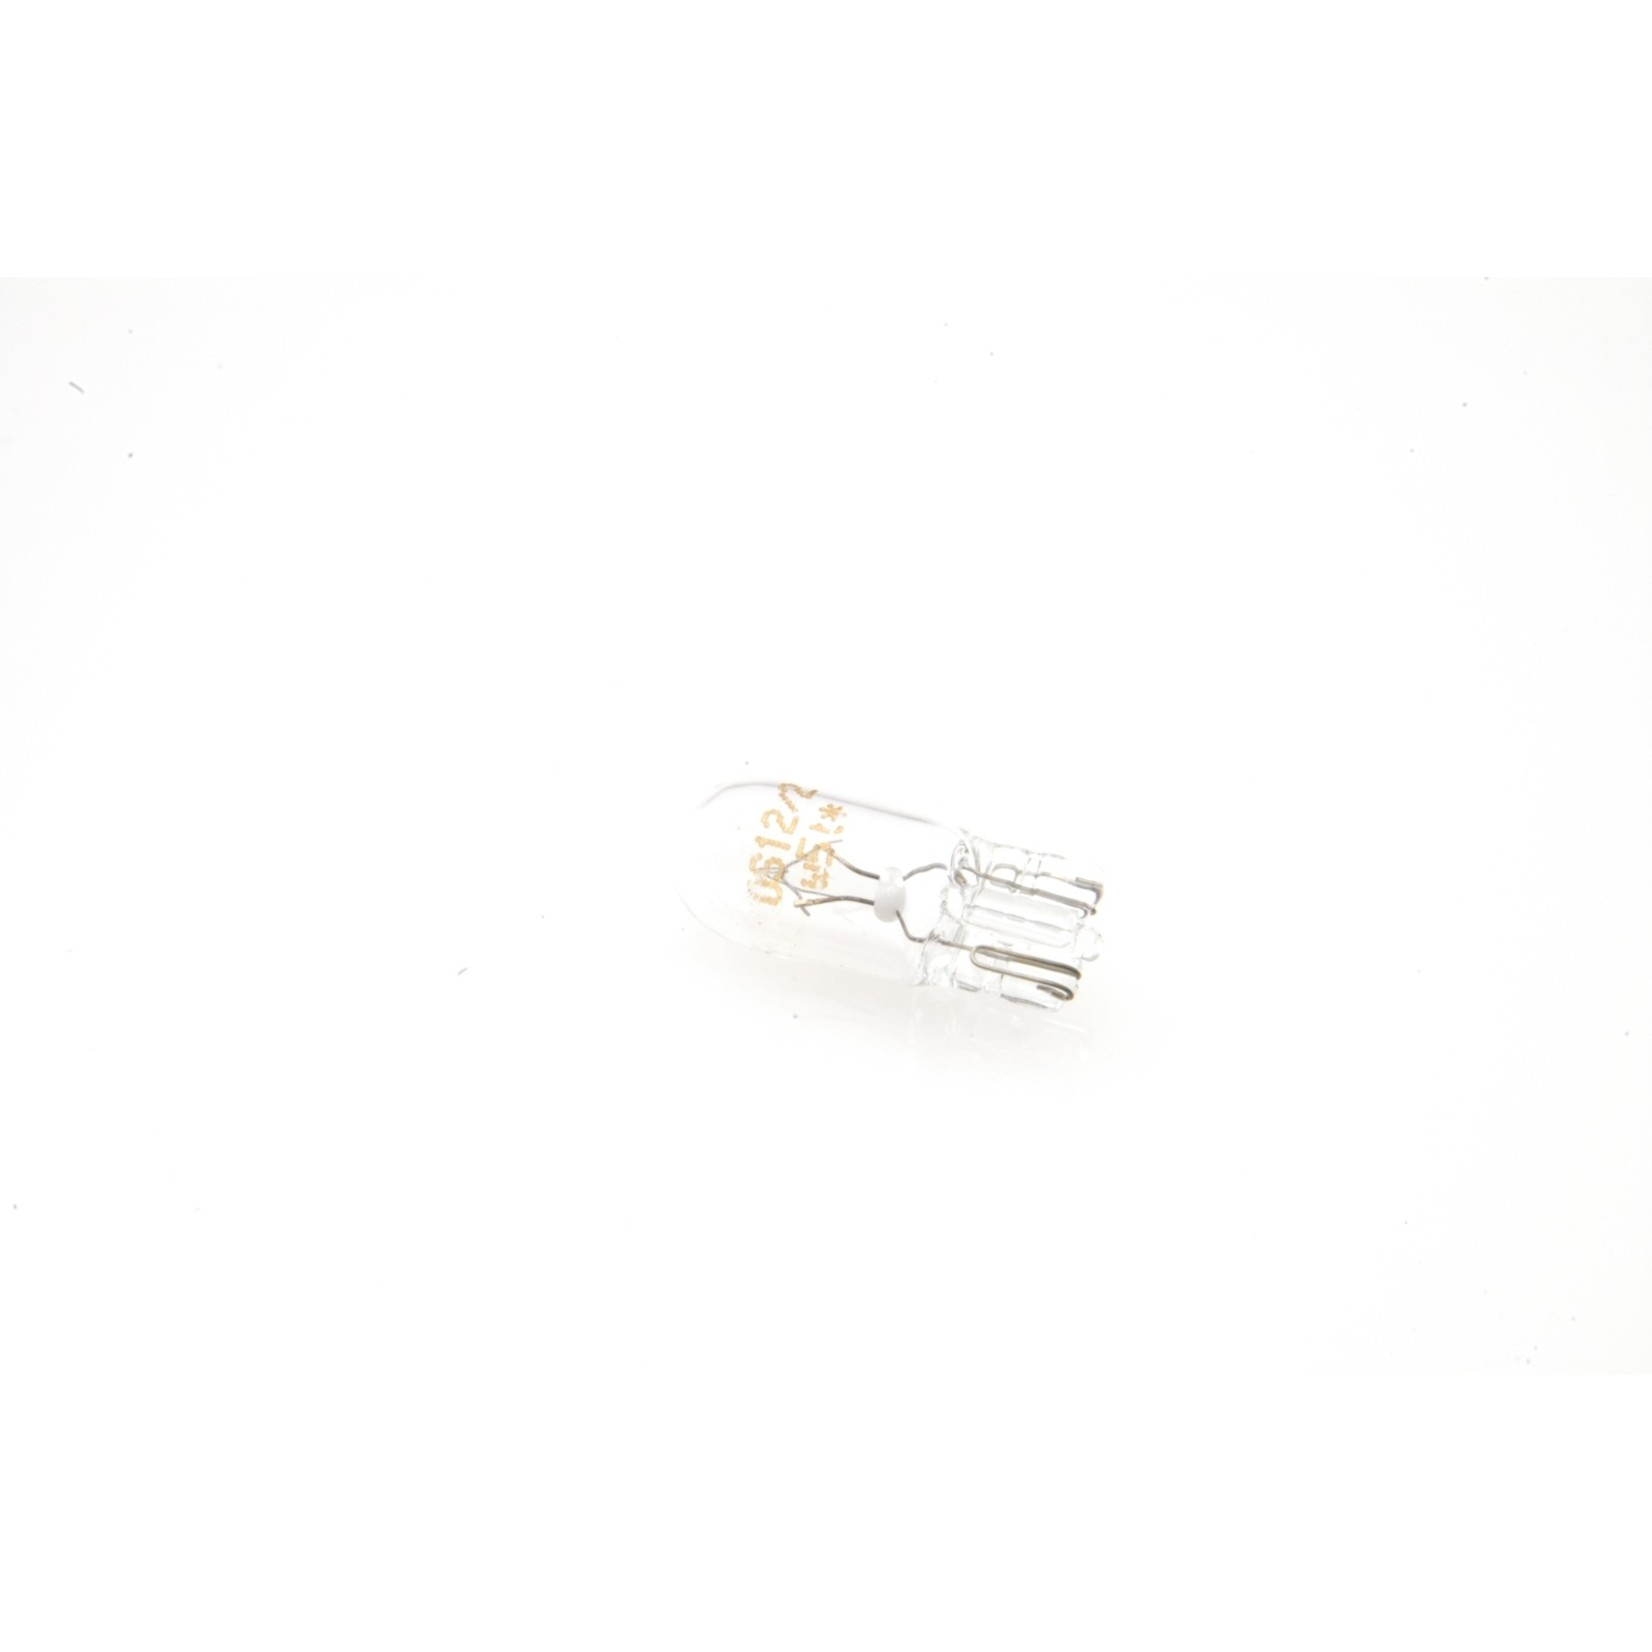 Ampoule tableau de bord 07/72- 12V - 2W Nr Org: ZC9614682